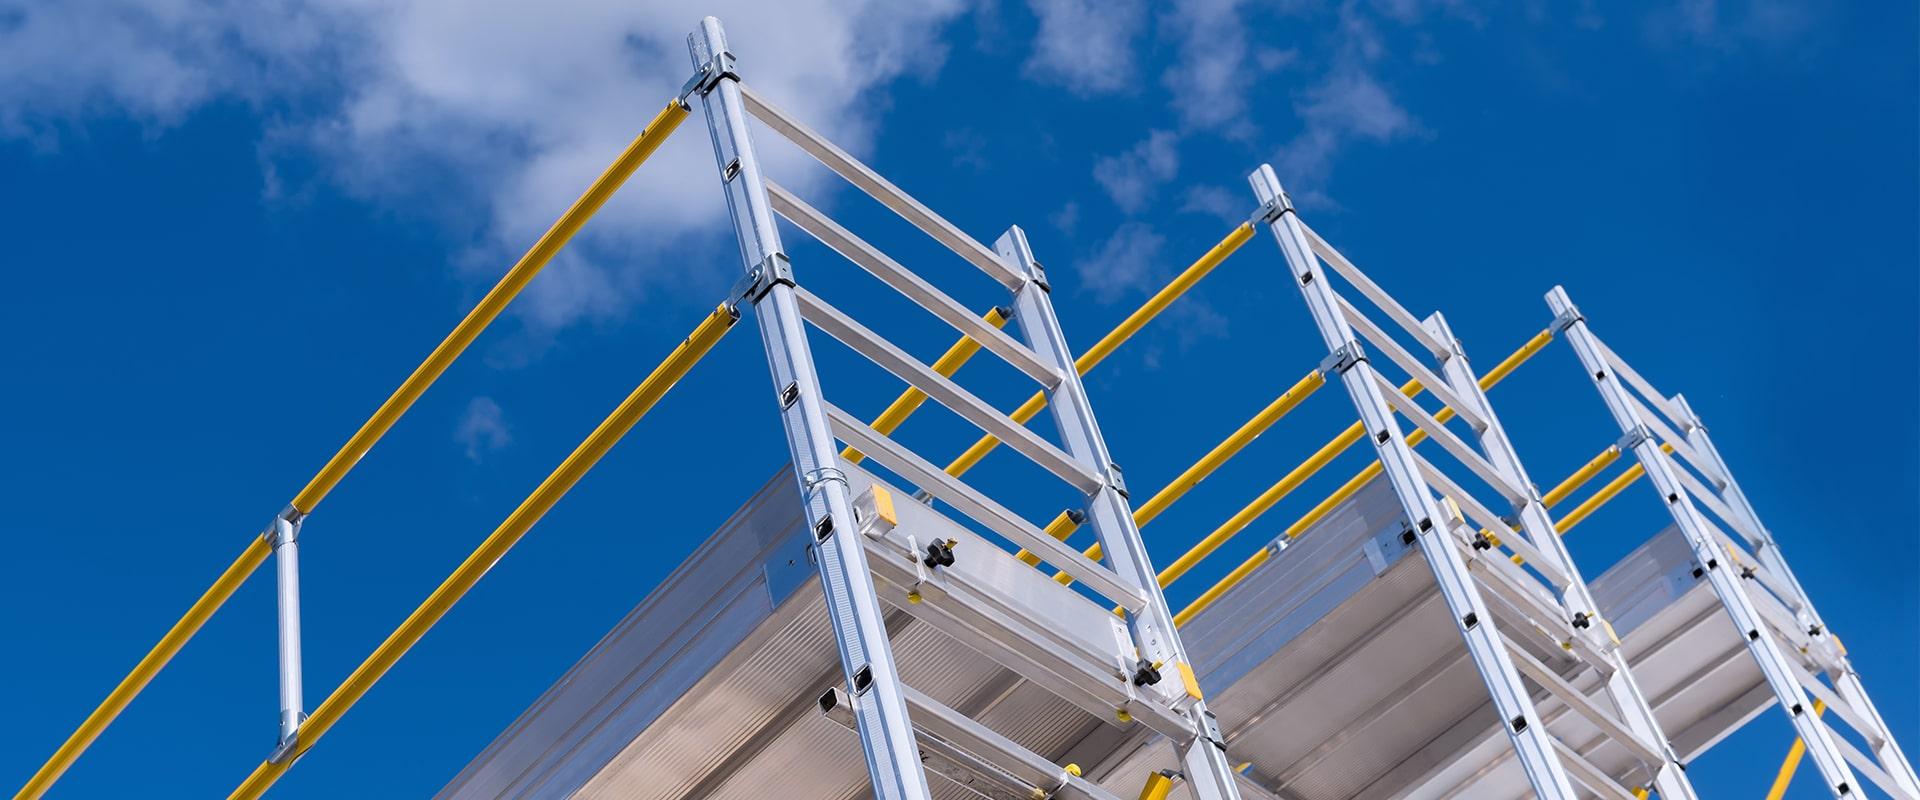 scaffolding wales